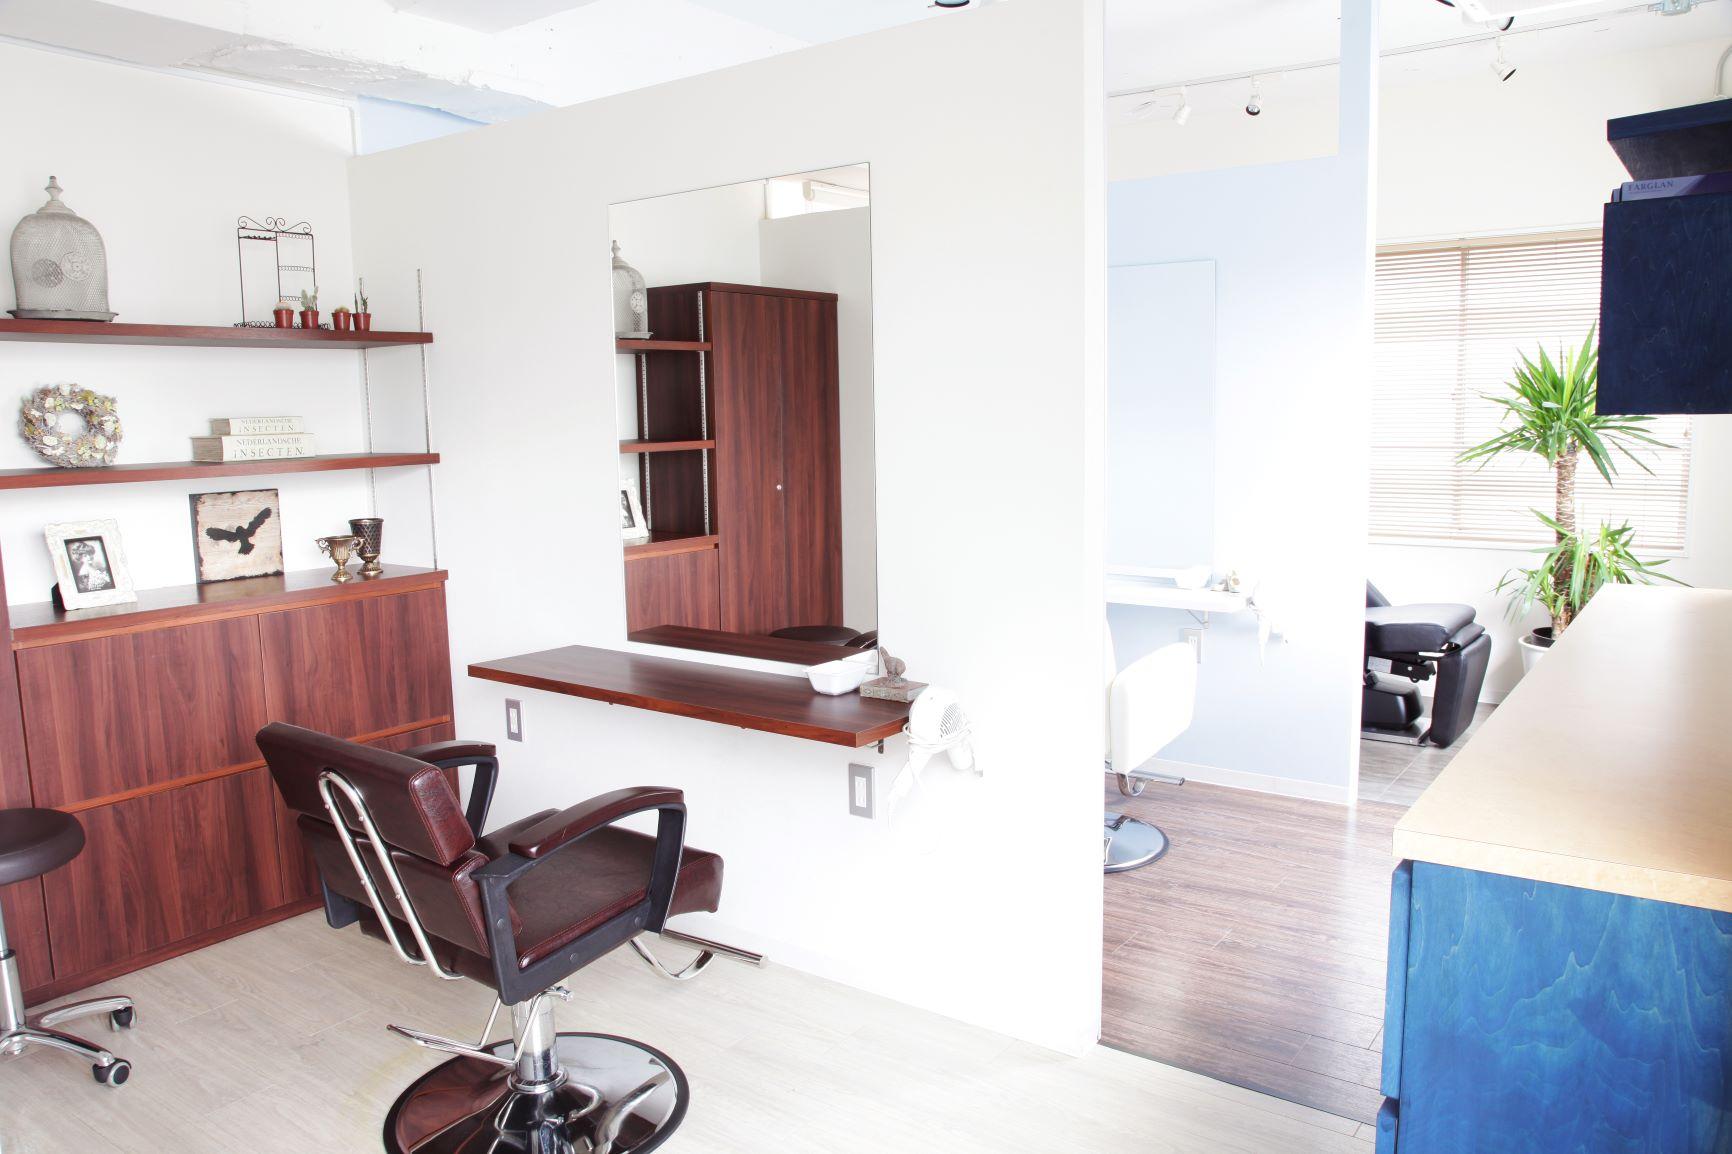 【特集】白髪をすてきにするシニア向けの美容室「えがお美容室」(2019年5月号)